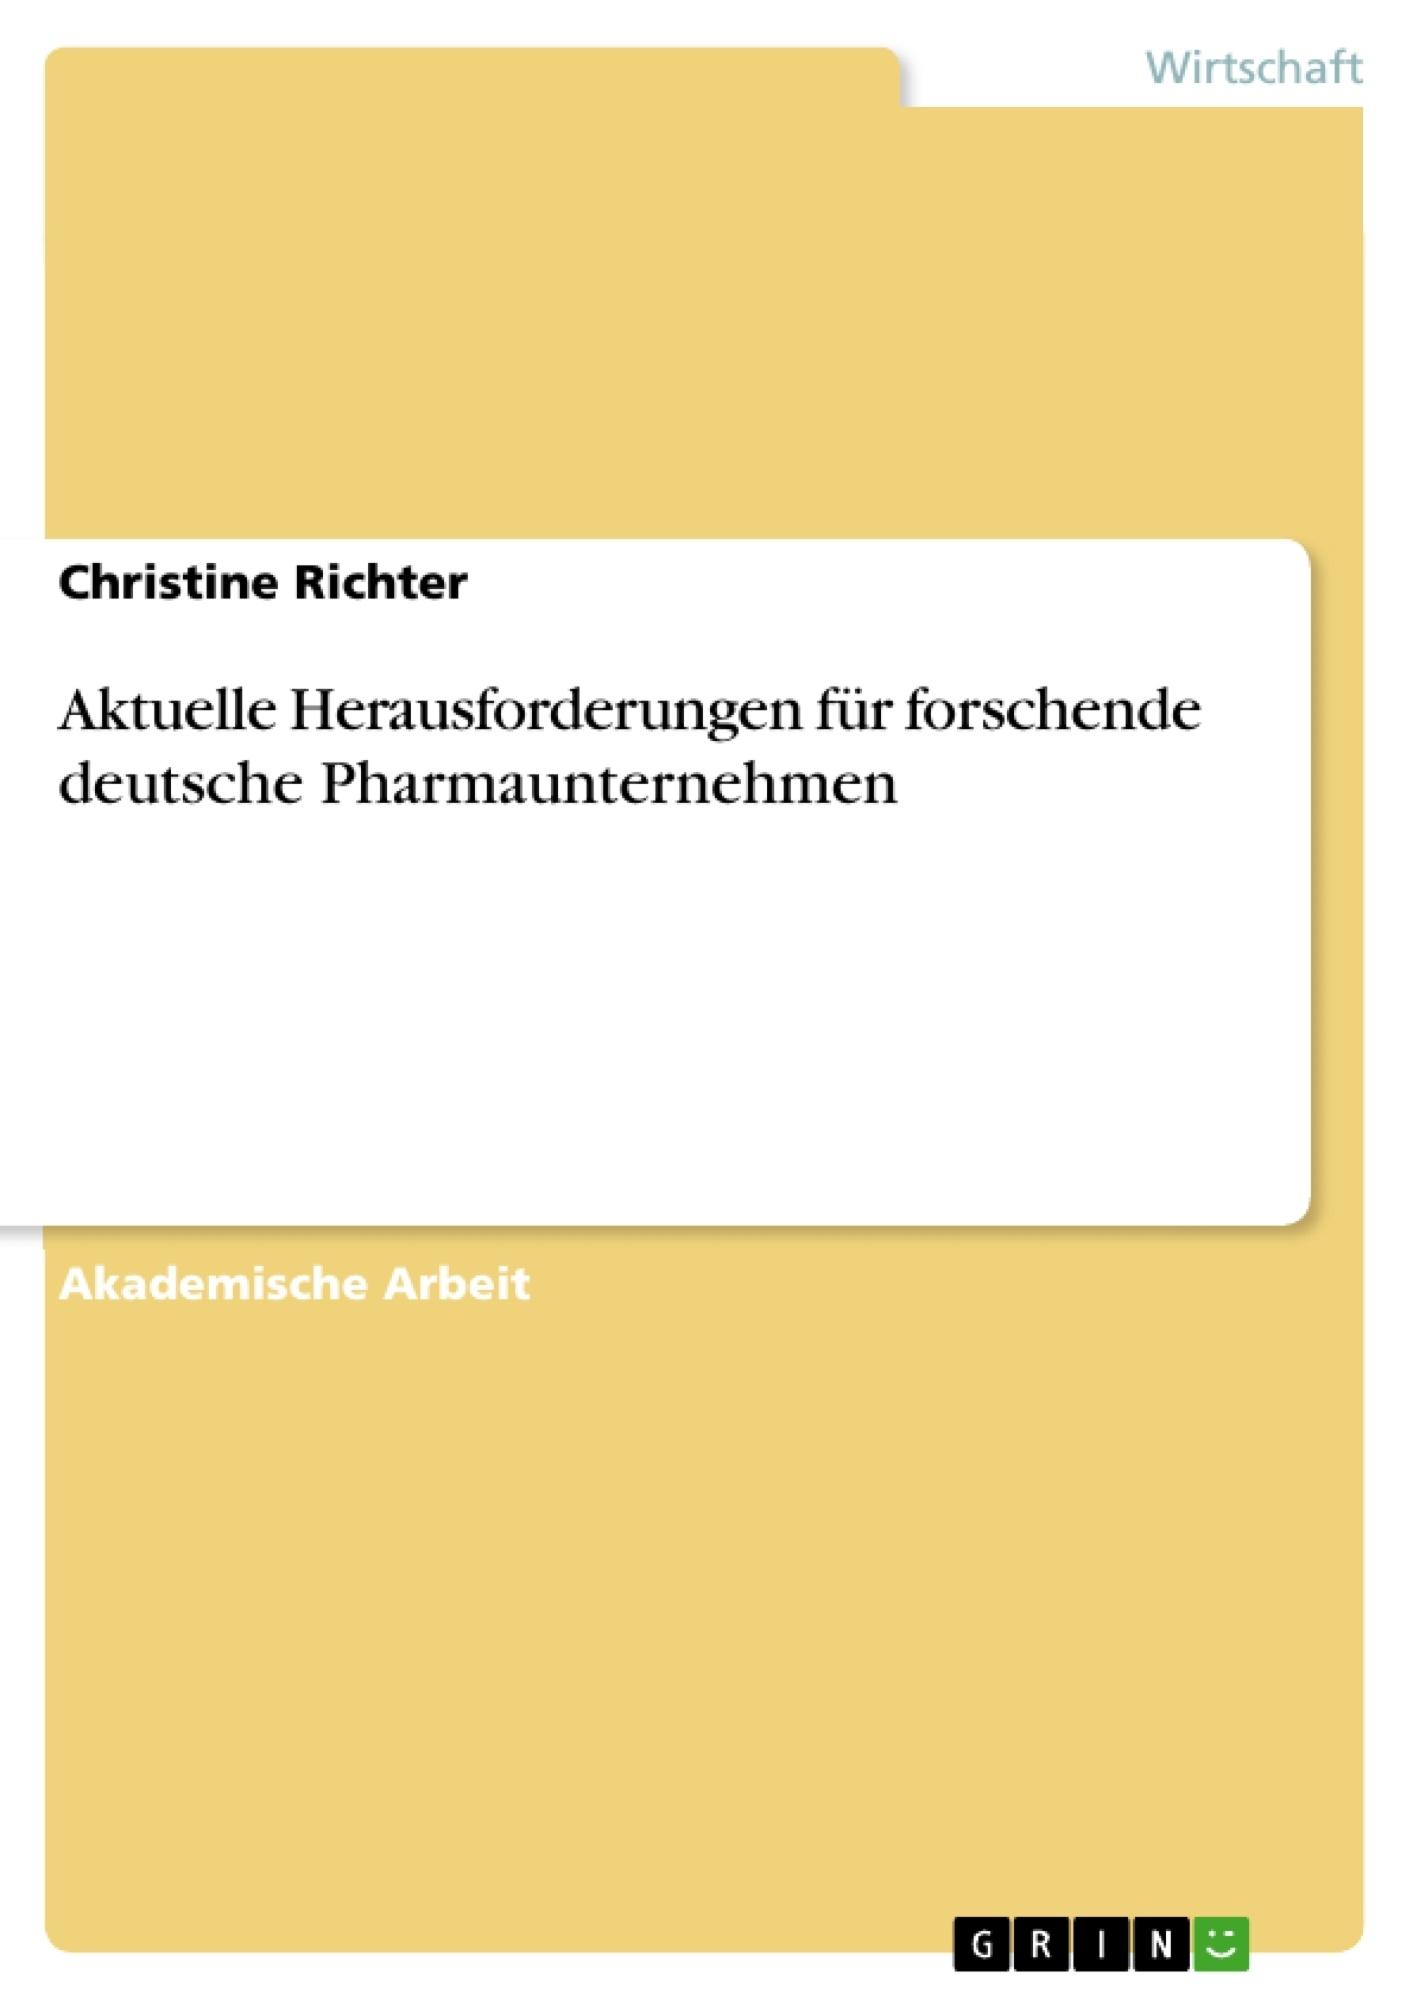 Titel: Aktuelle Herausforderungen für forschende deutsche Pharmaunternehmen